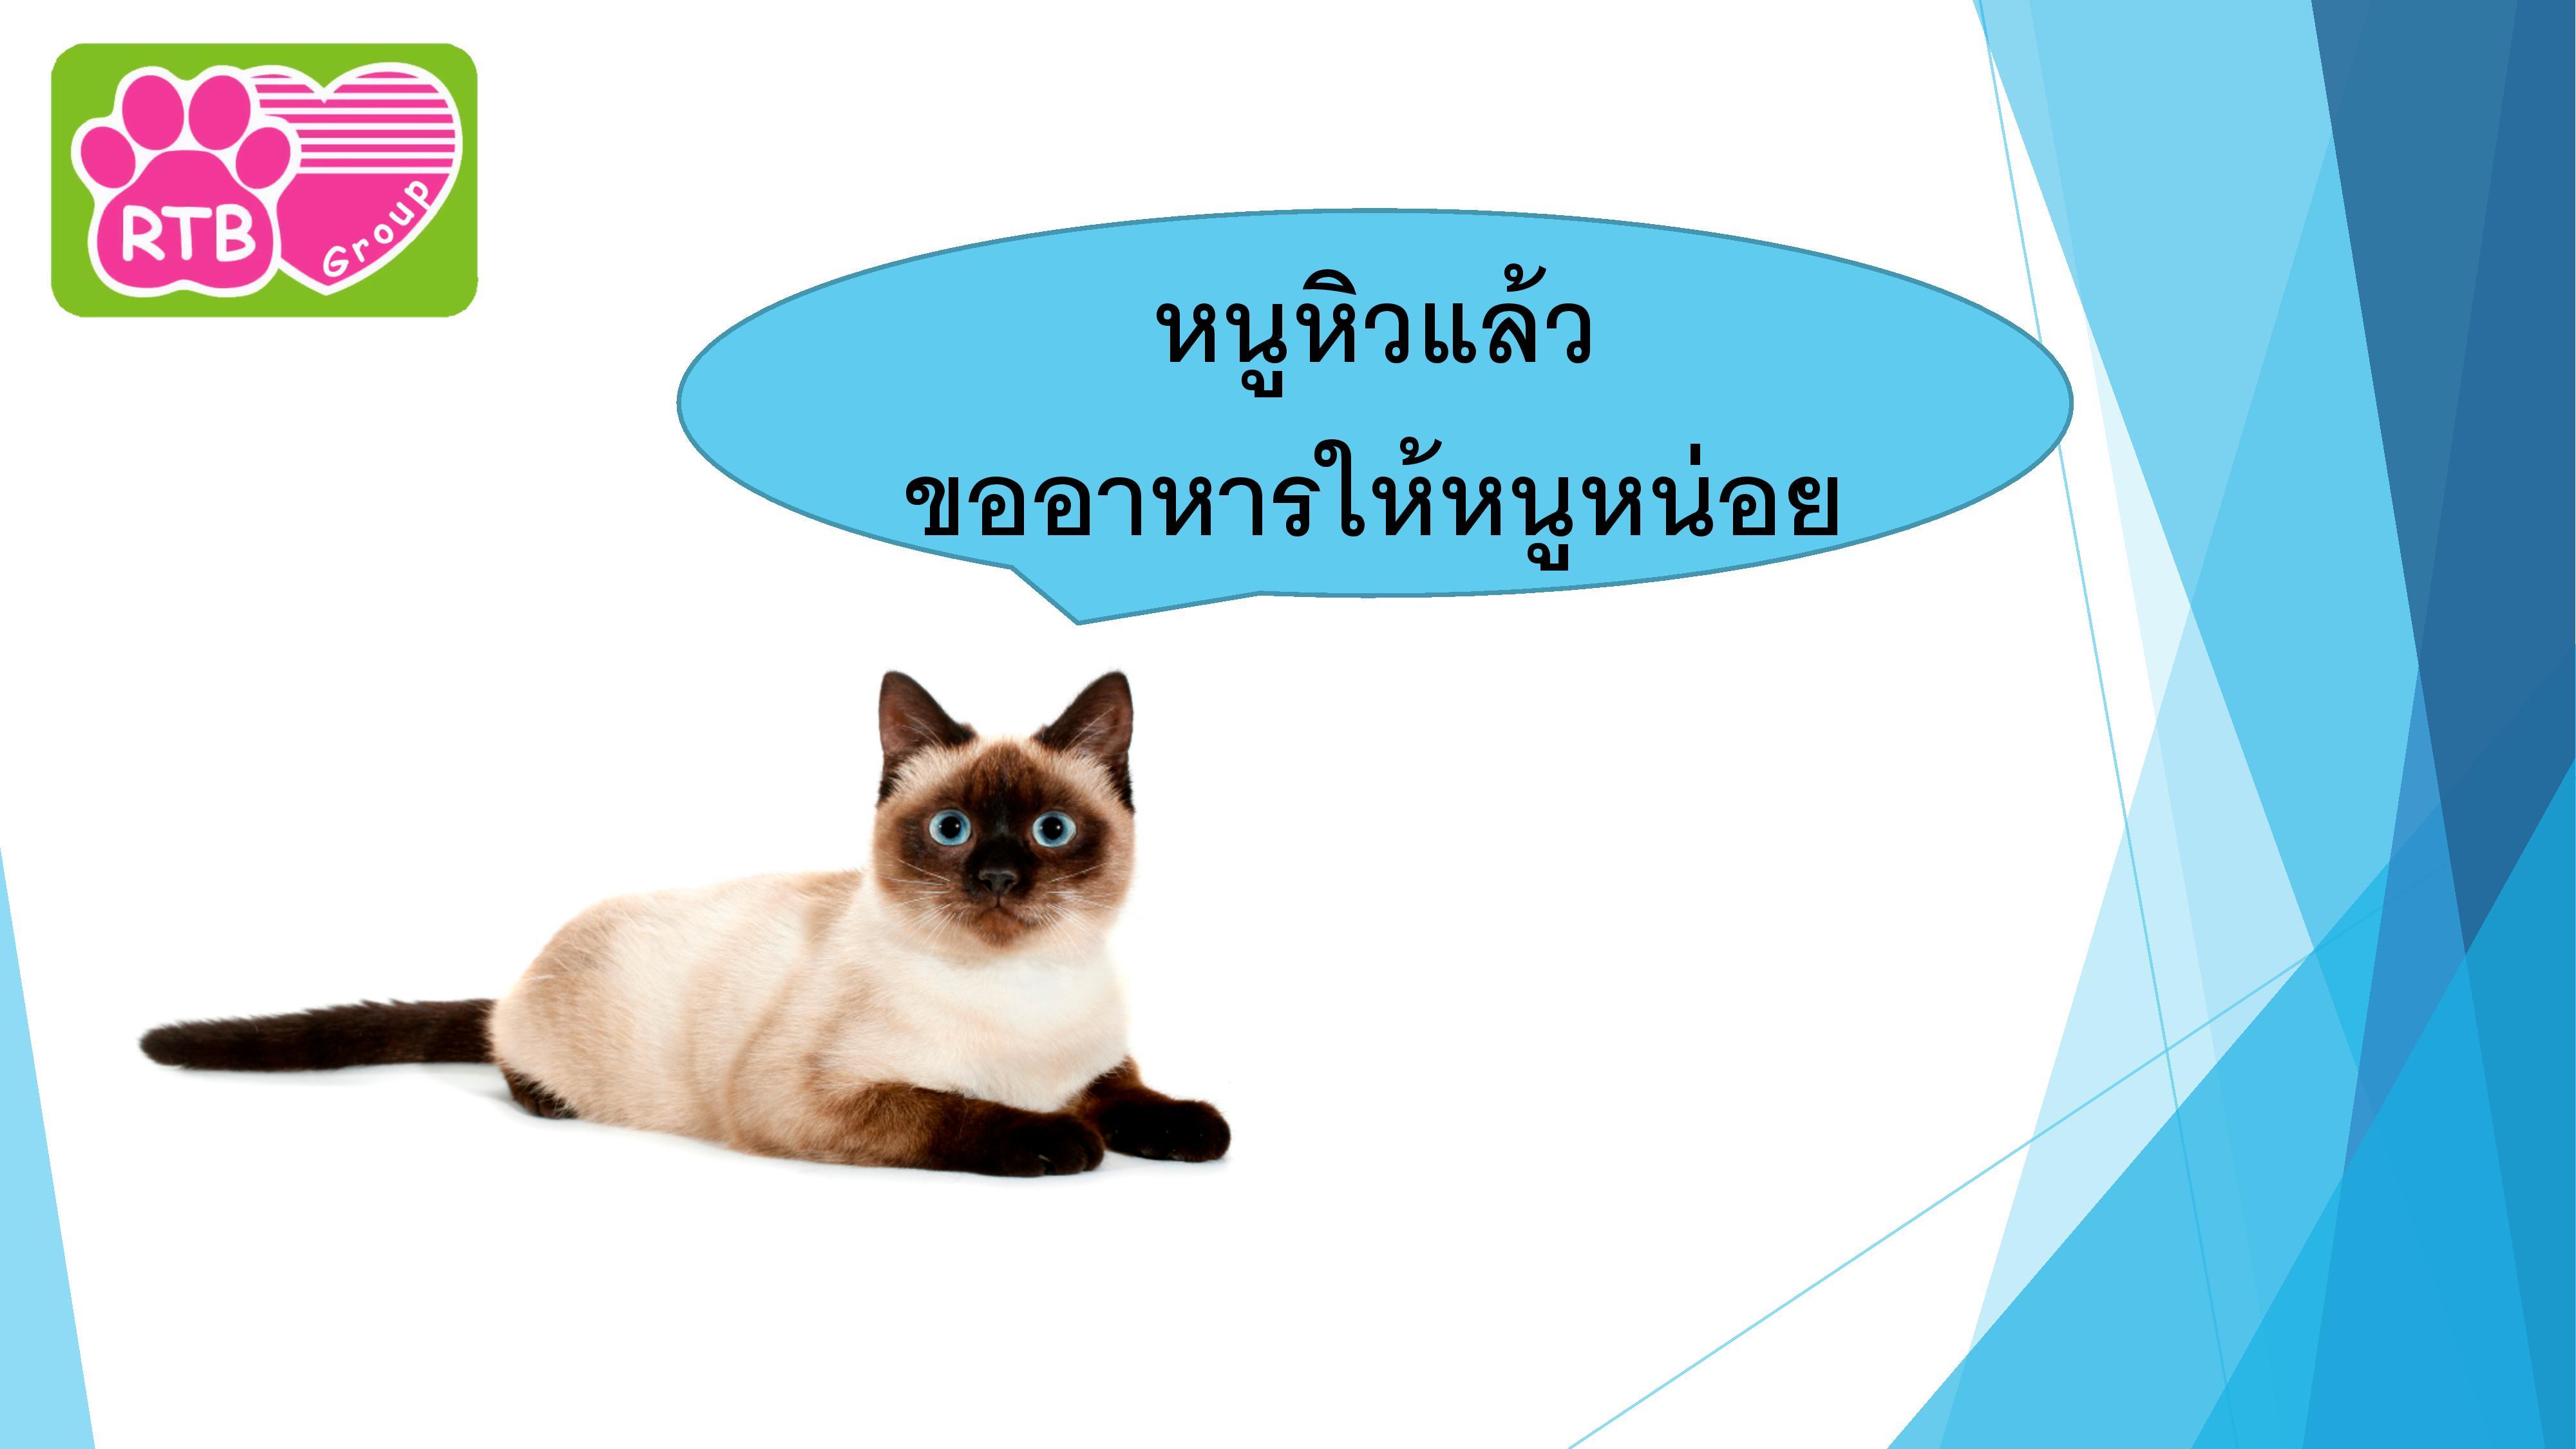 อาหารแมว max extra -page-005